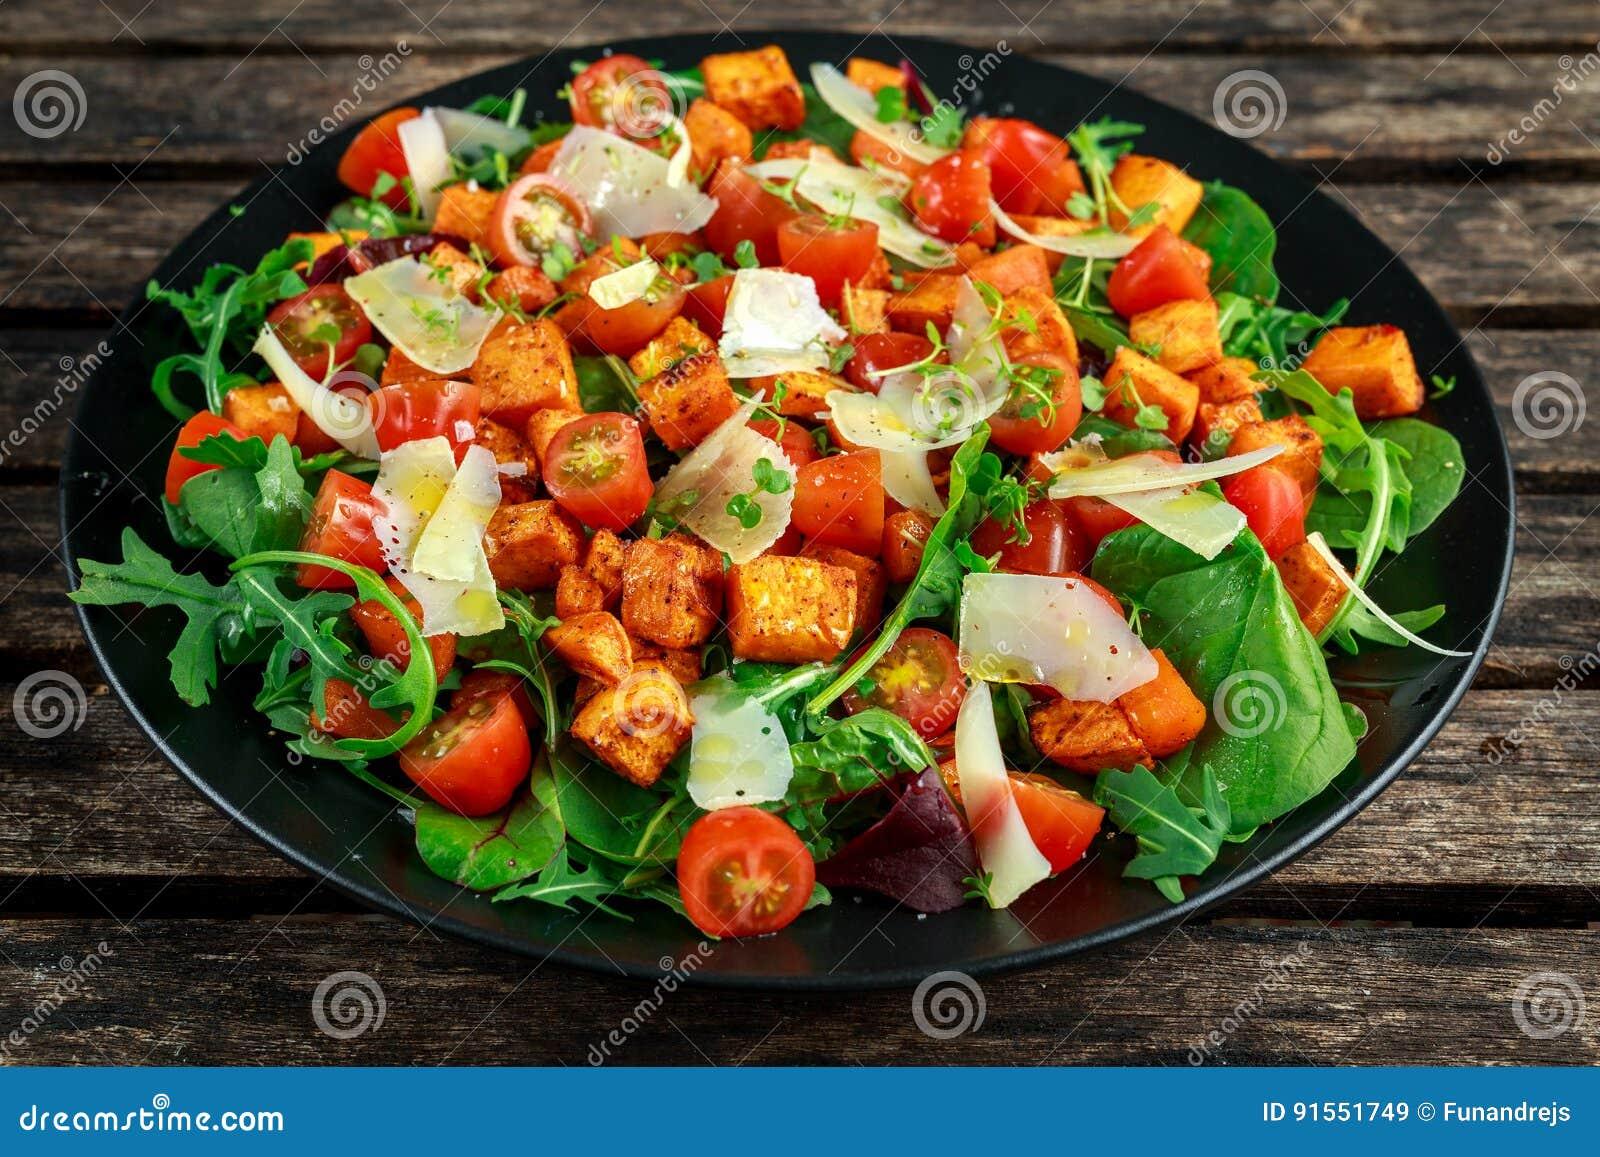 La patata dulce, las zanahorias, los tomates de cereza y la ensalada de cohete salvaje con el queso feta sirvieron en placa negra